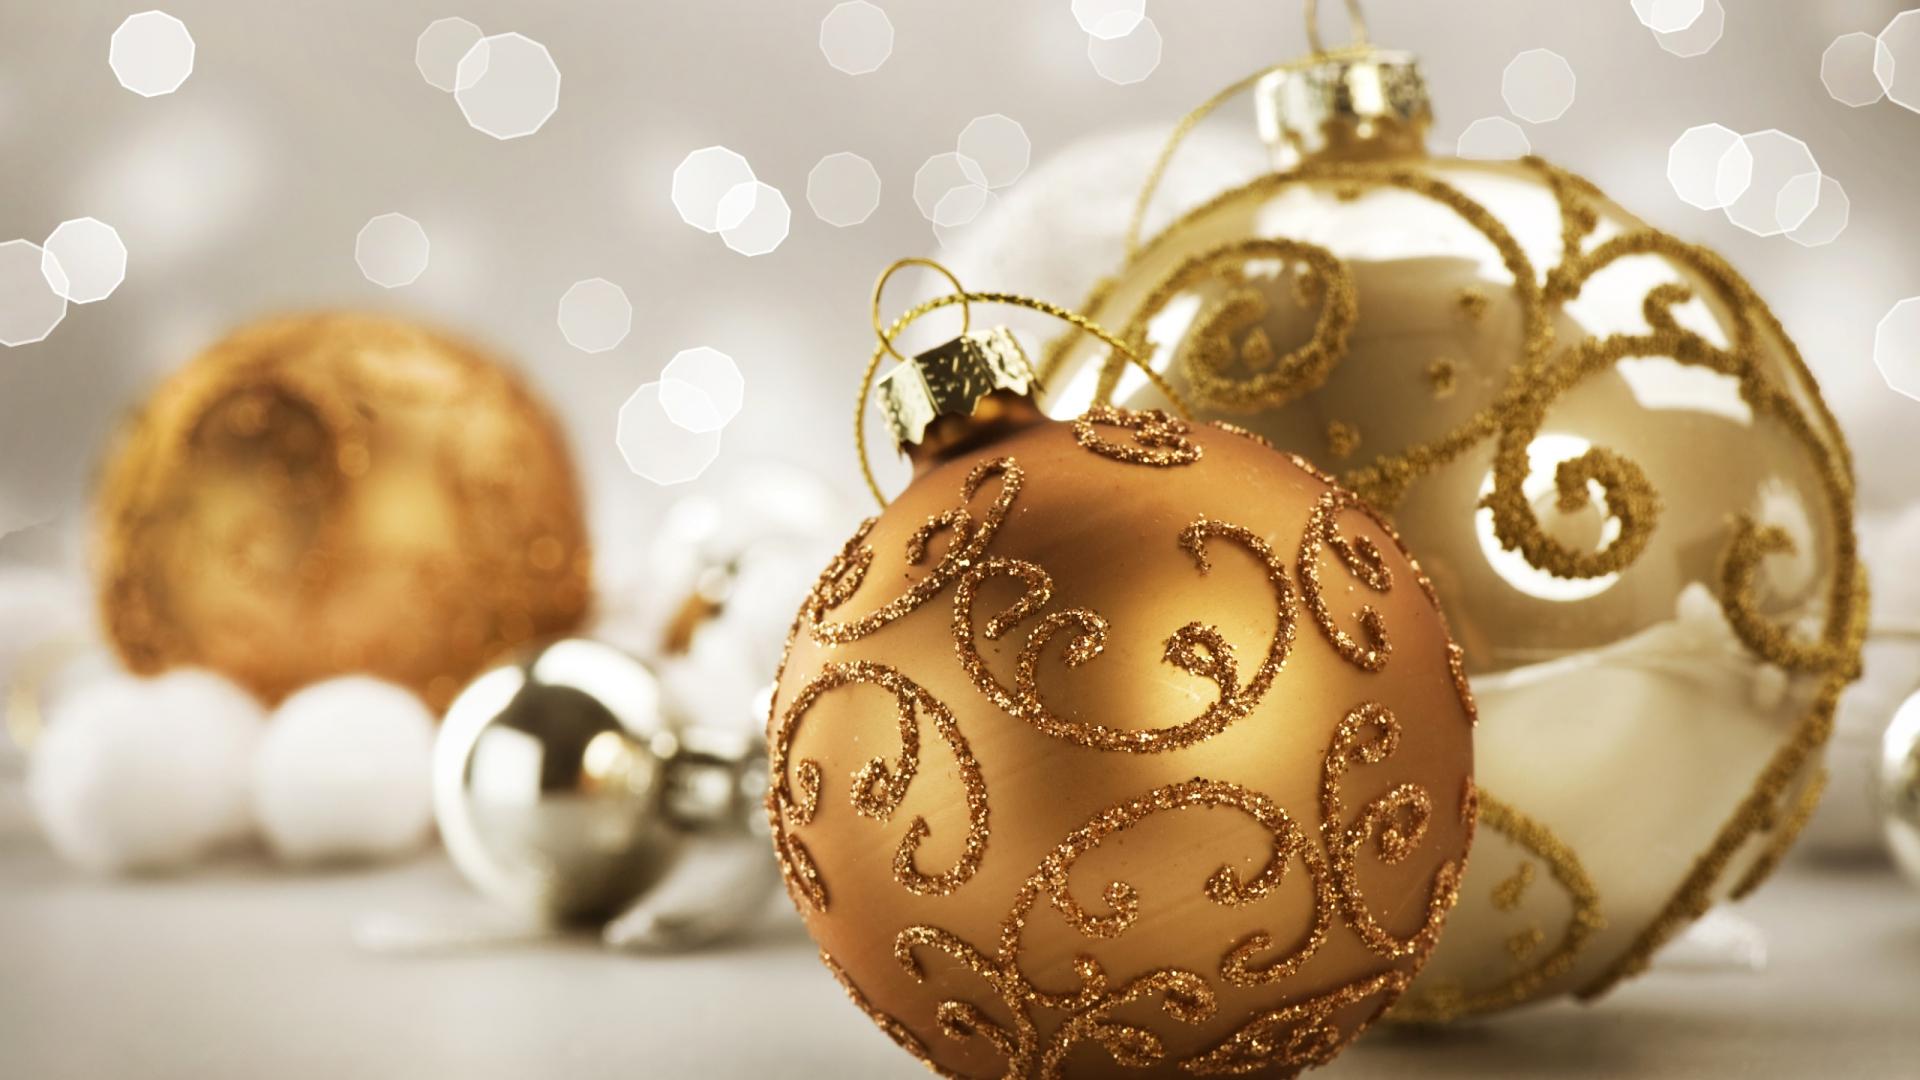 Bộ Sưu Tập Ảnh Giáng Sinh - Page 4 Christmasballs11